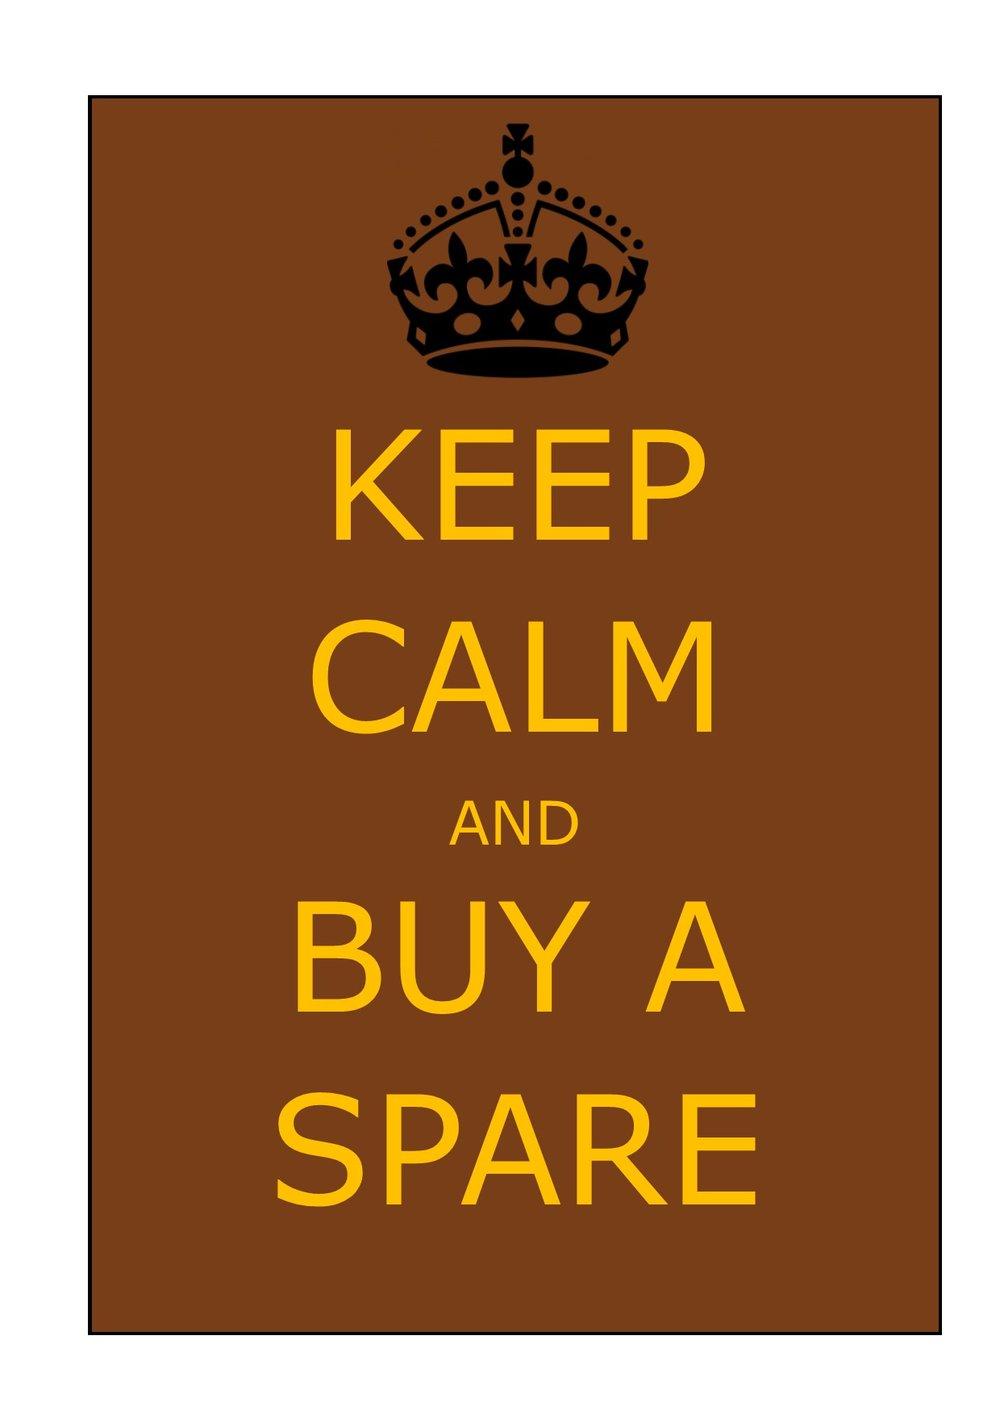 Keep calm and buy a spare.jpg